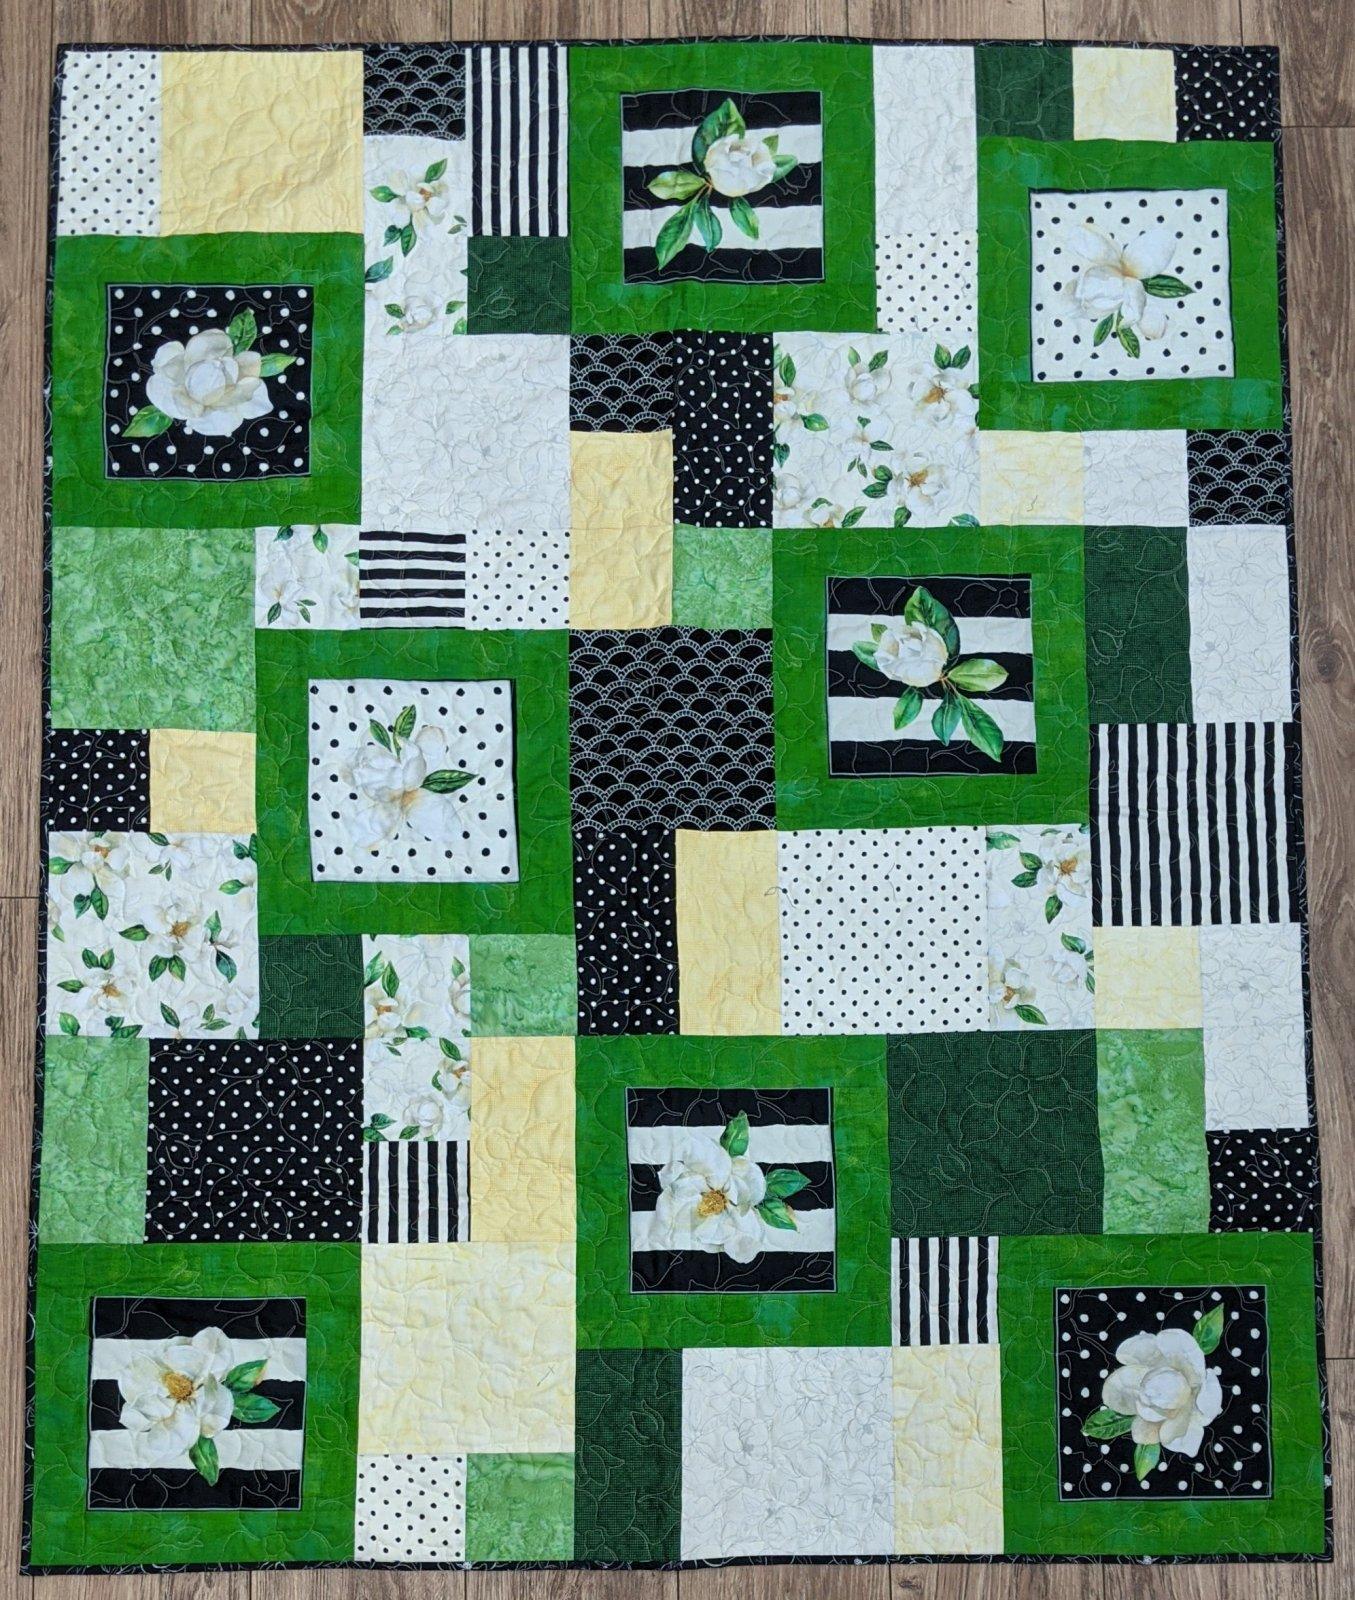 Magnolia Perfect 10 Quilt Kit